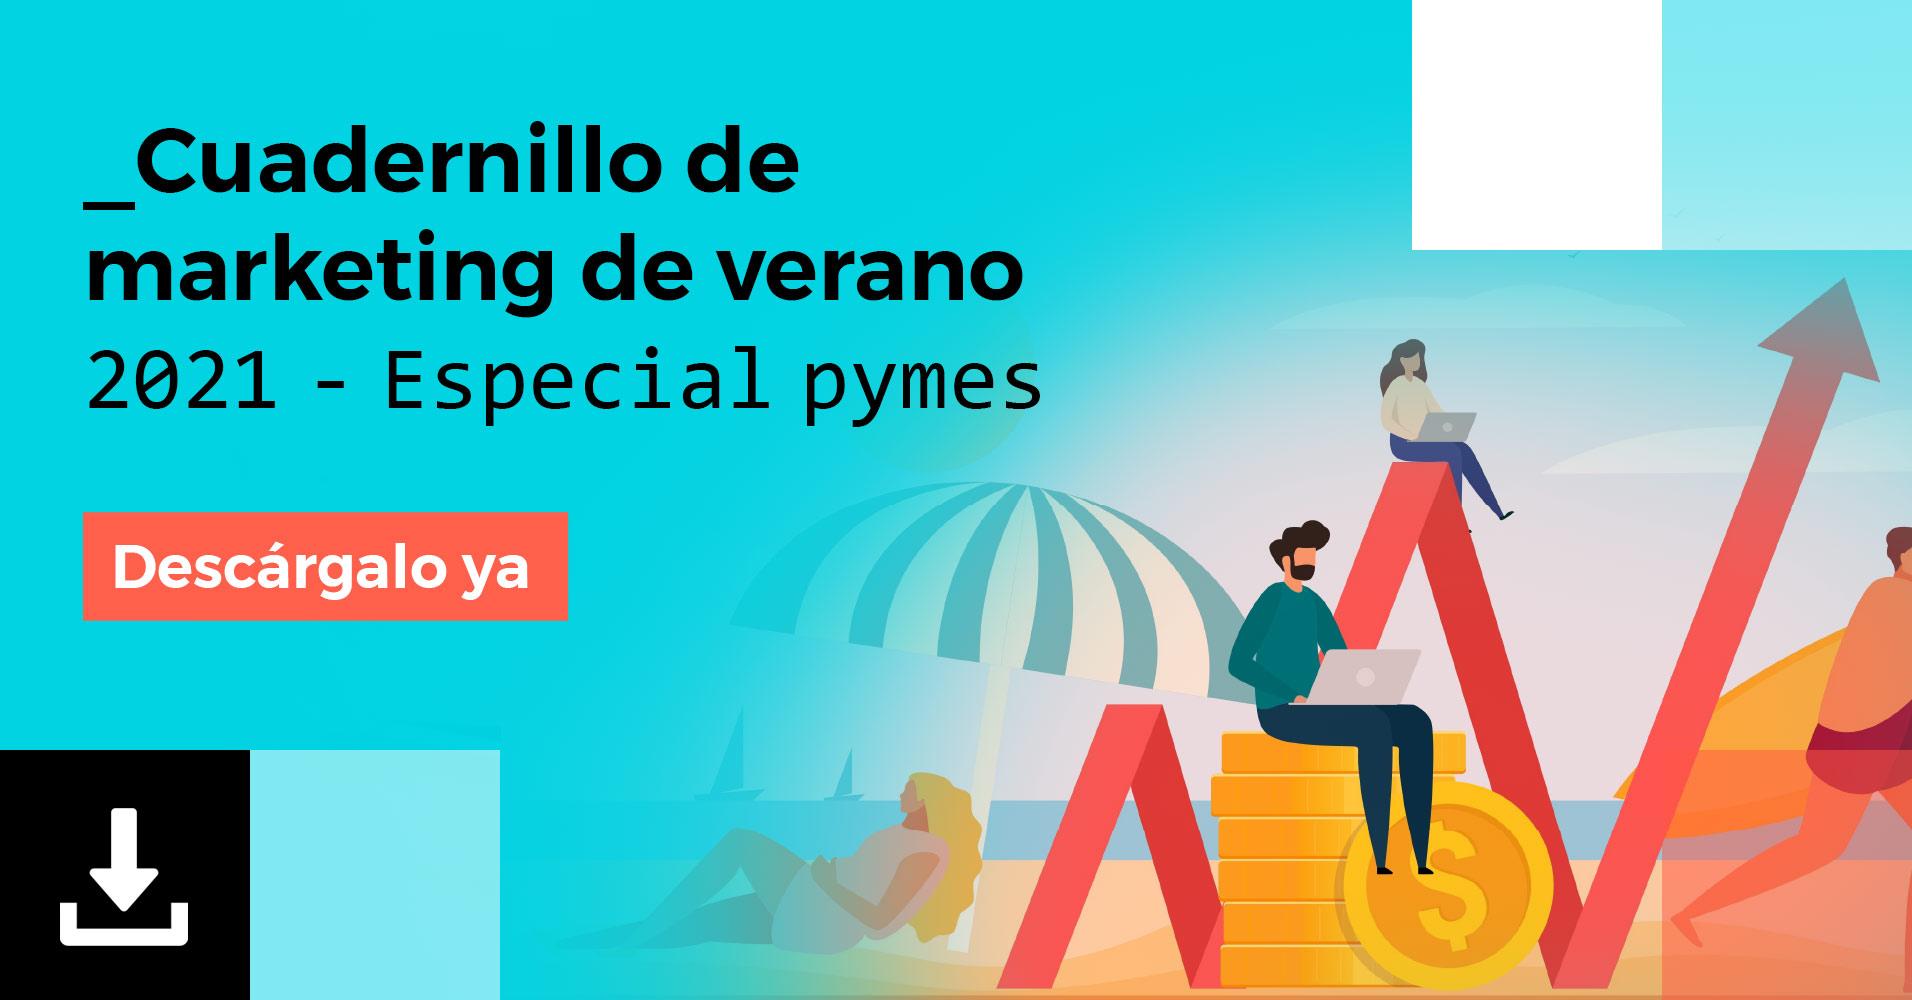 Descarga gratis el cuadernillo de marketing de verano especial pymes